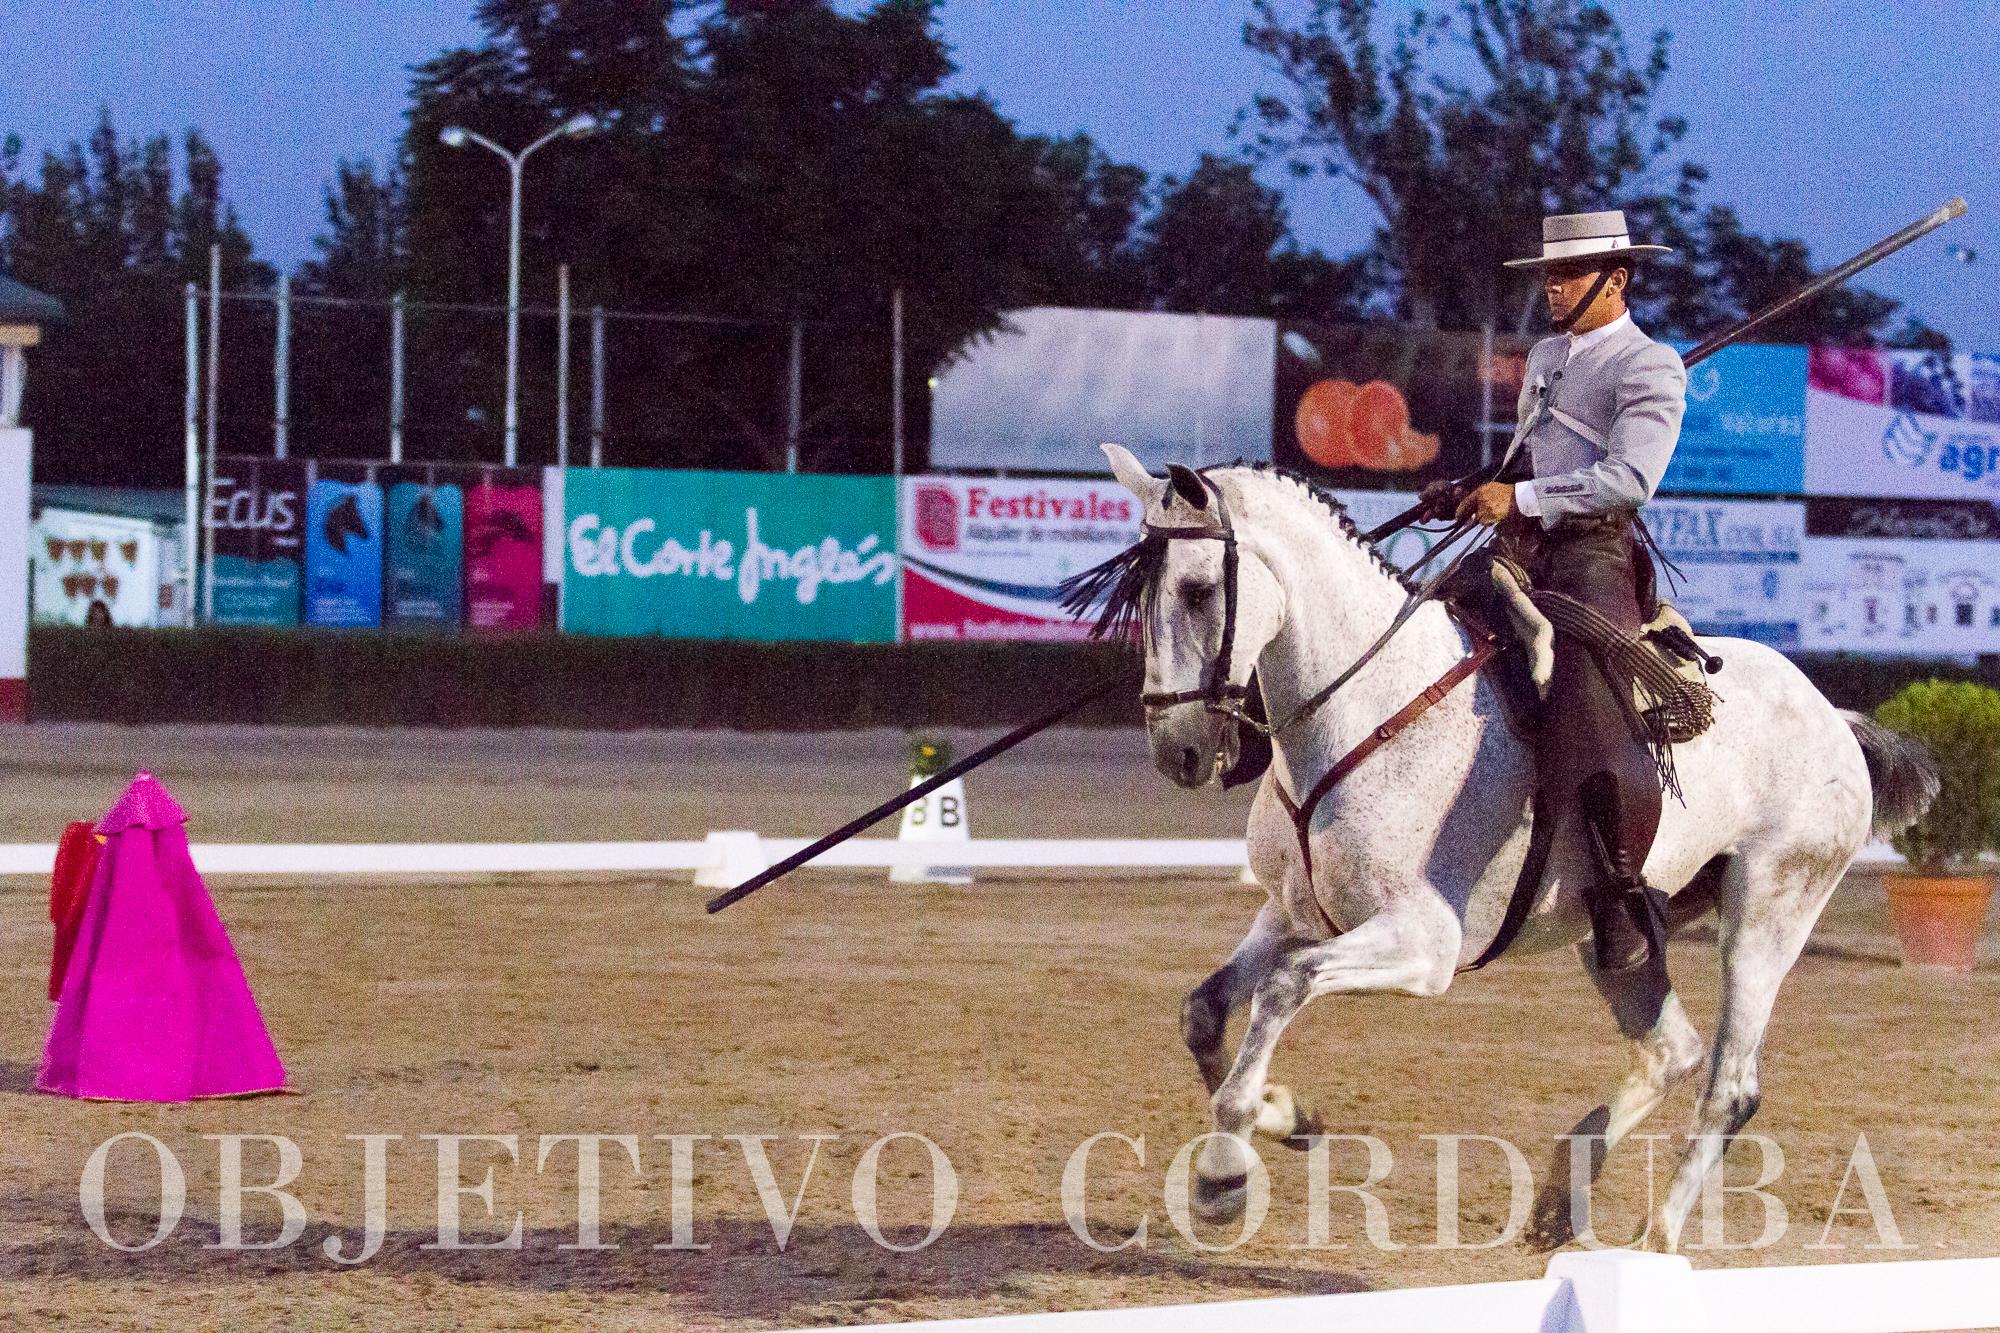 35432 CLUB HIPICO DE CORDOBA 01 de julio de 2016